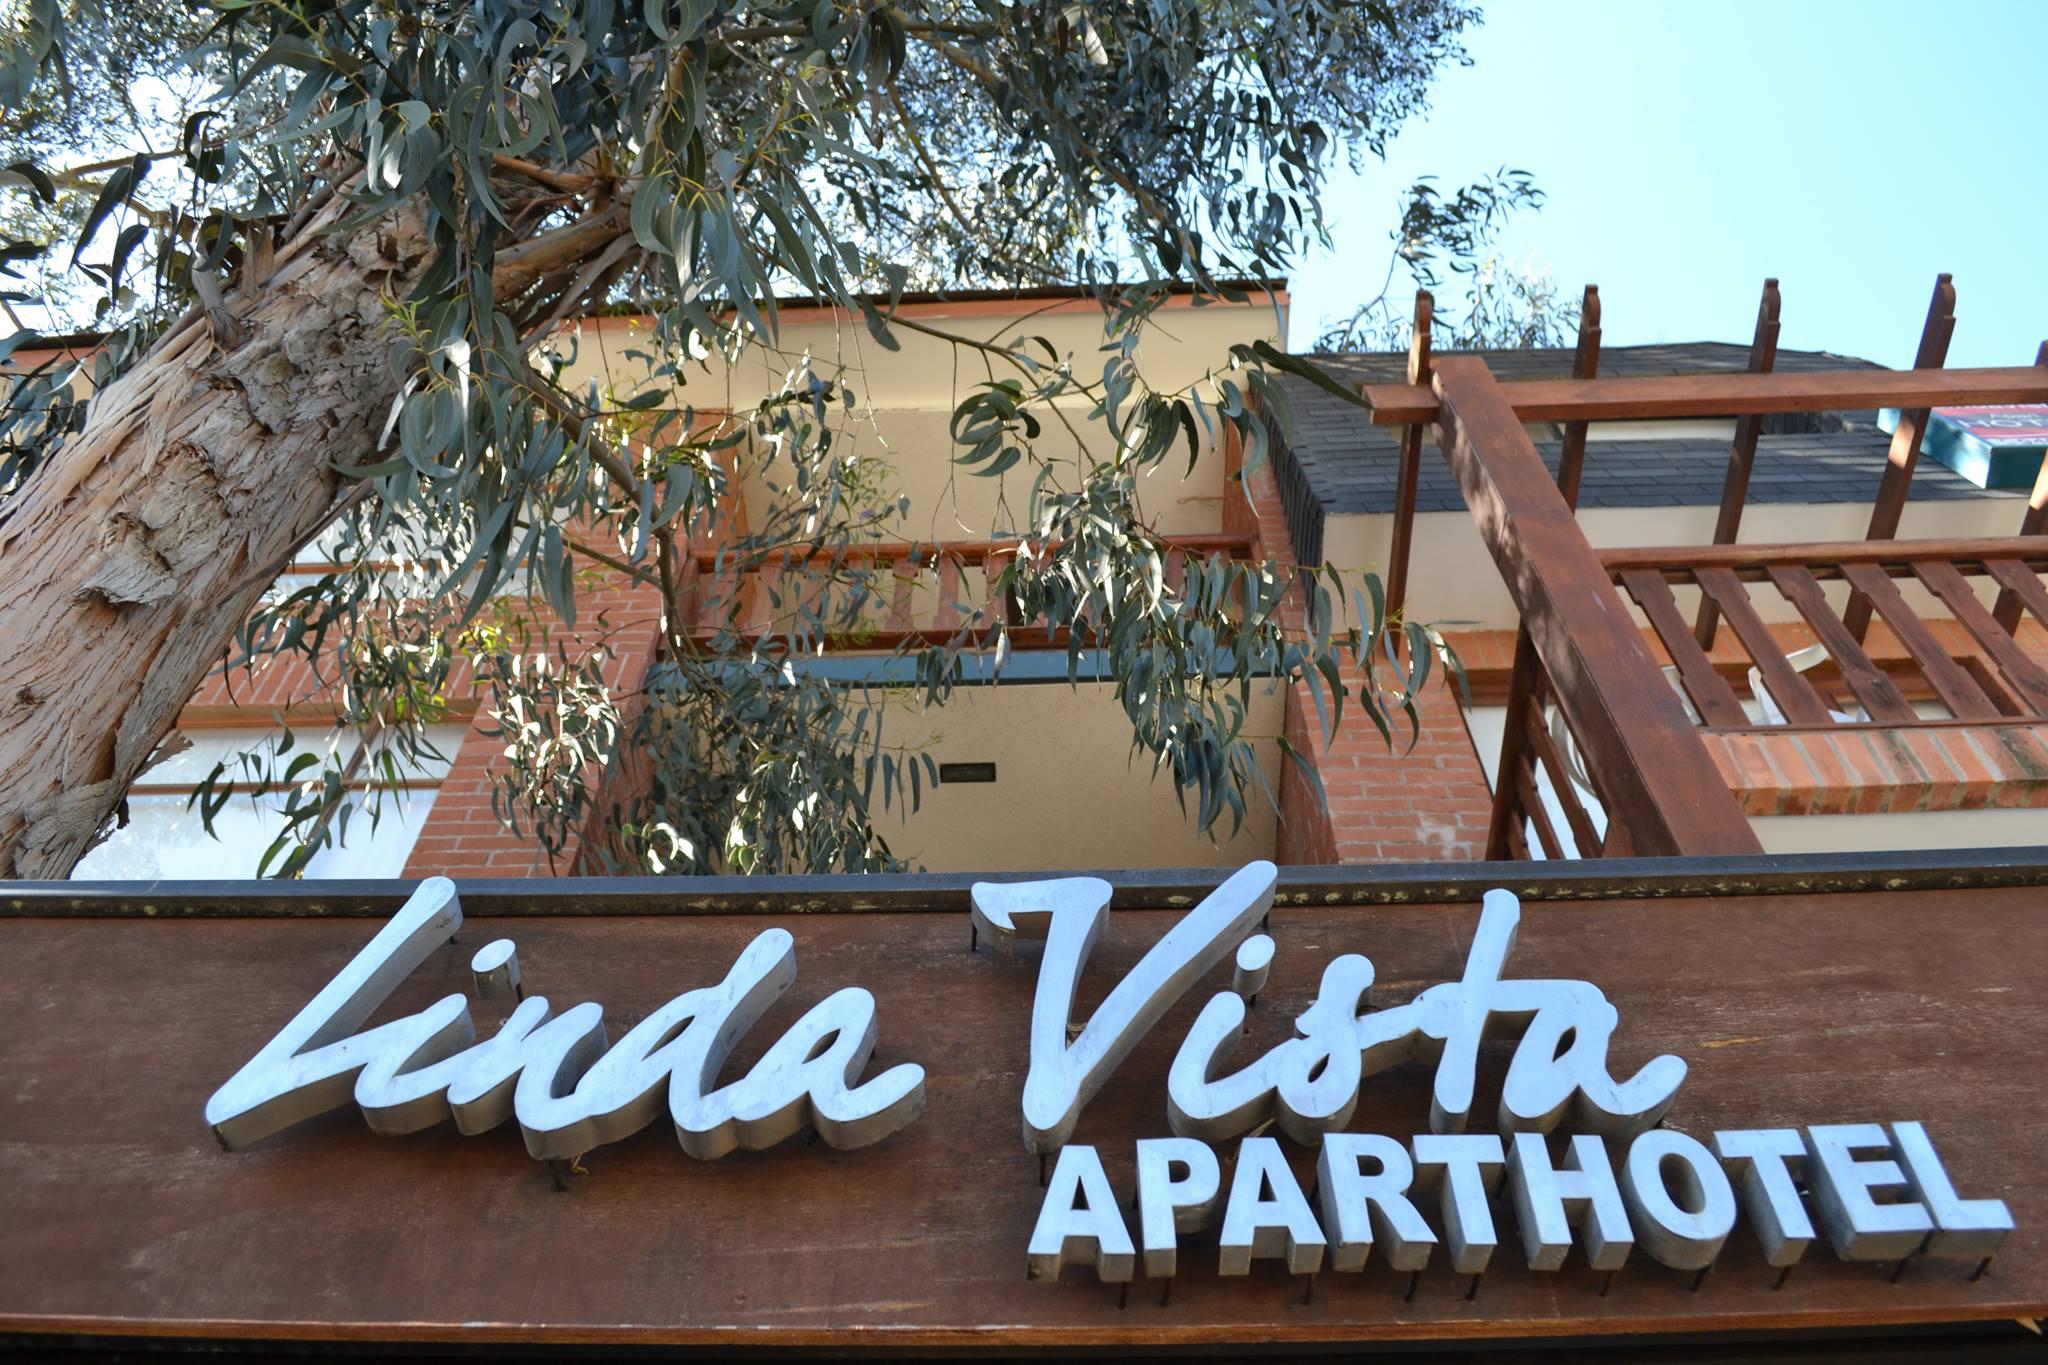 Apart Hotel Linda Vista